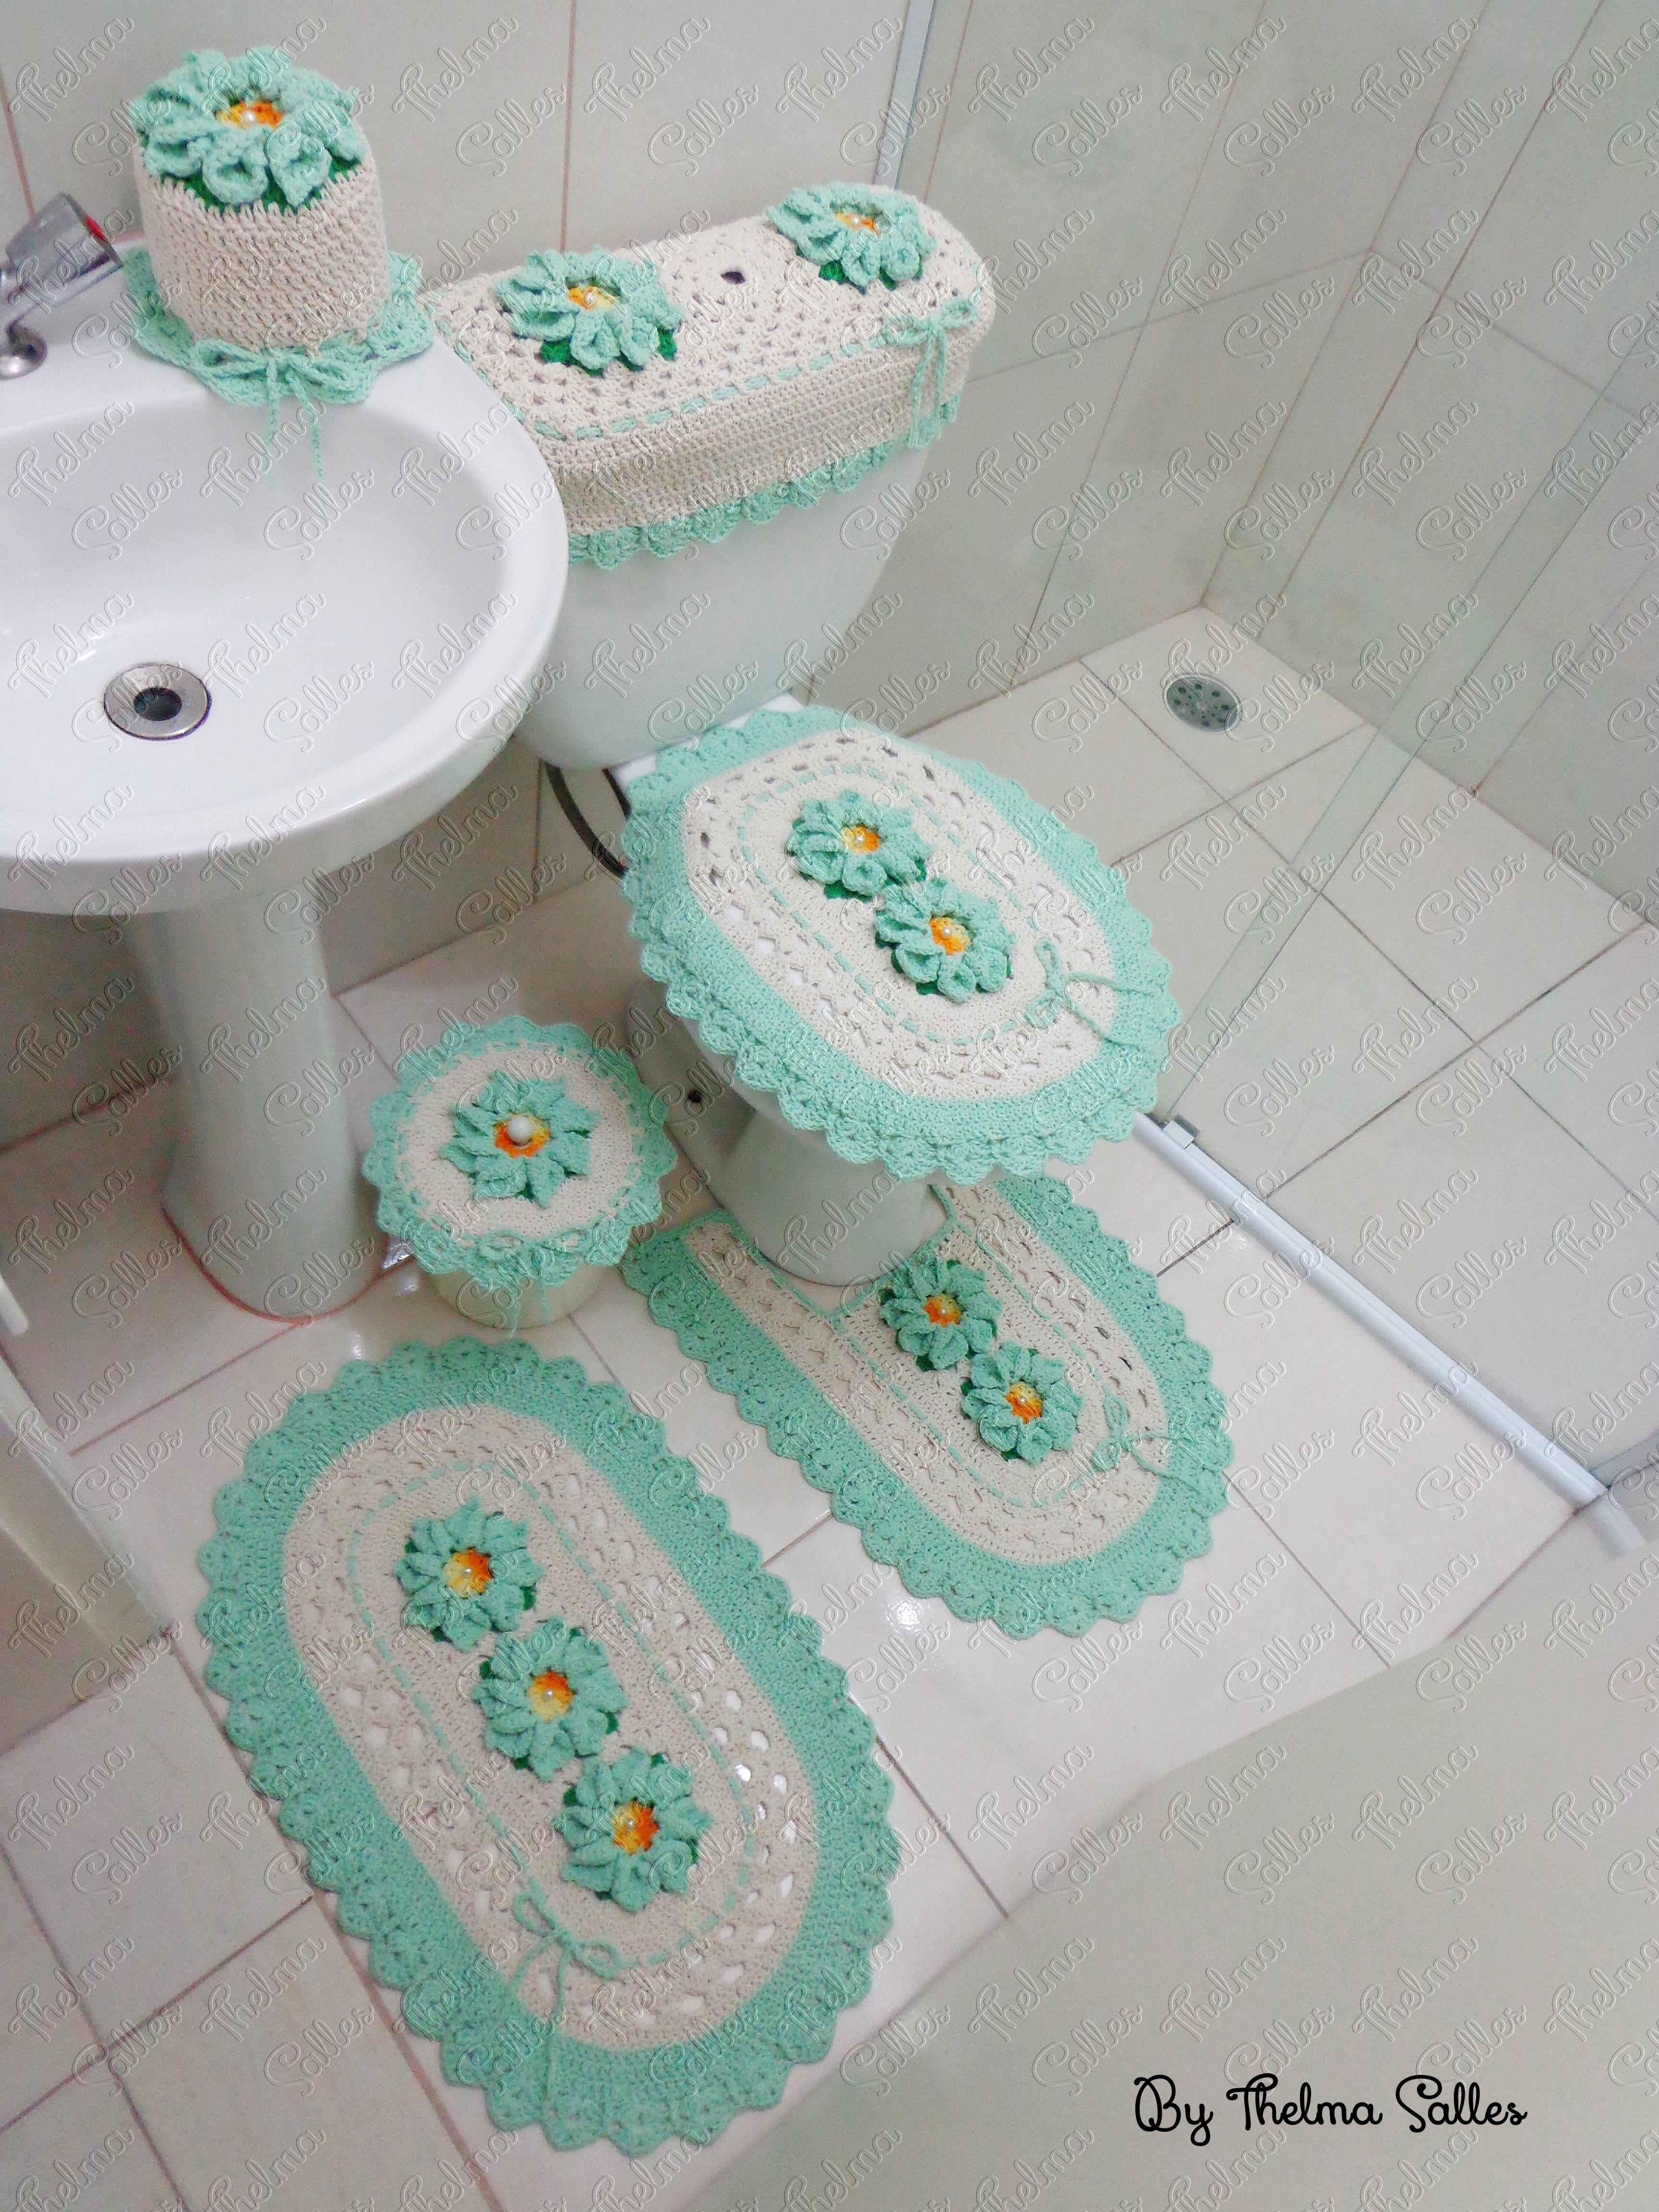 Jogo de banheiro de barbante em crochê Thelma Salles Artesanatos  #49806B 3456 4608